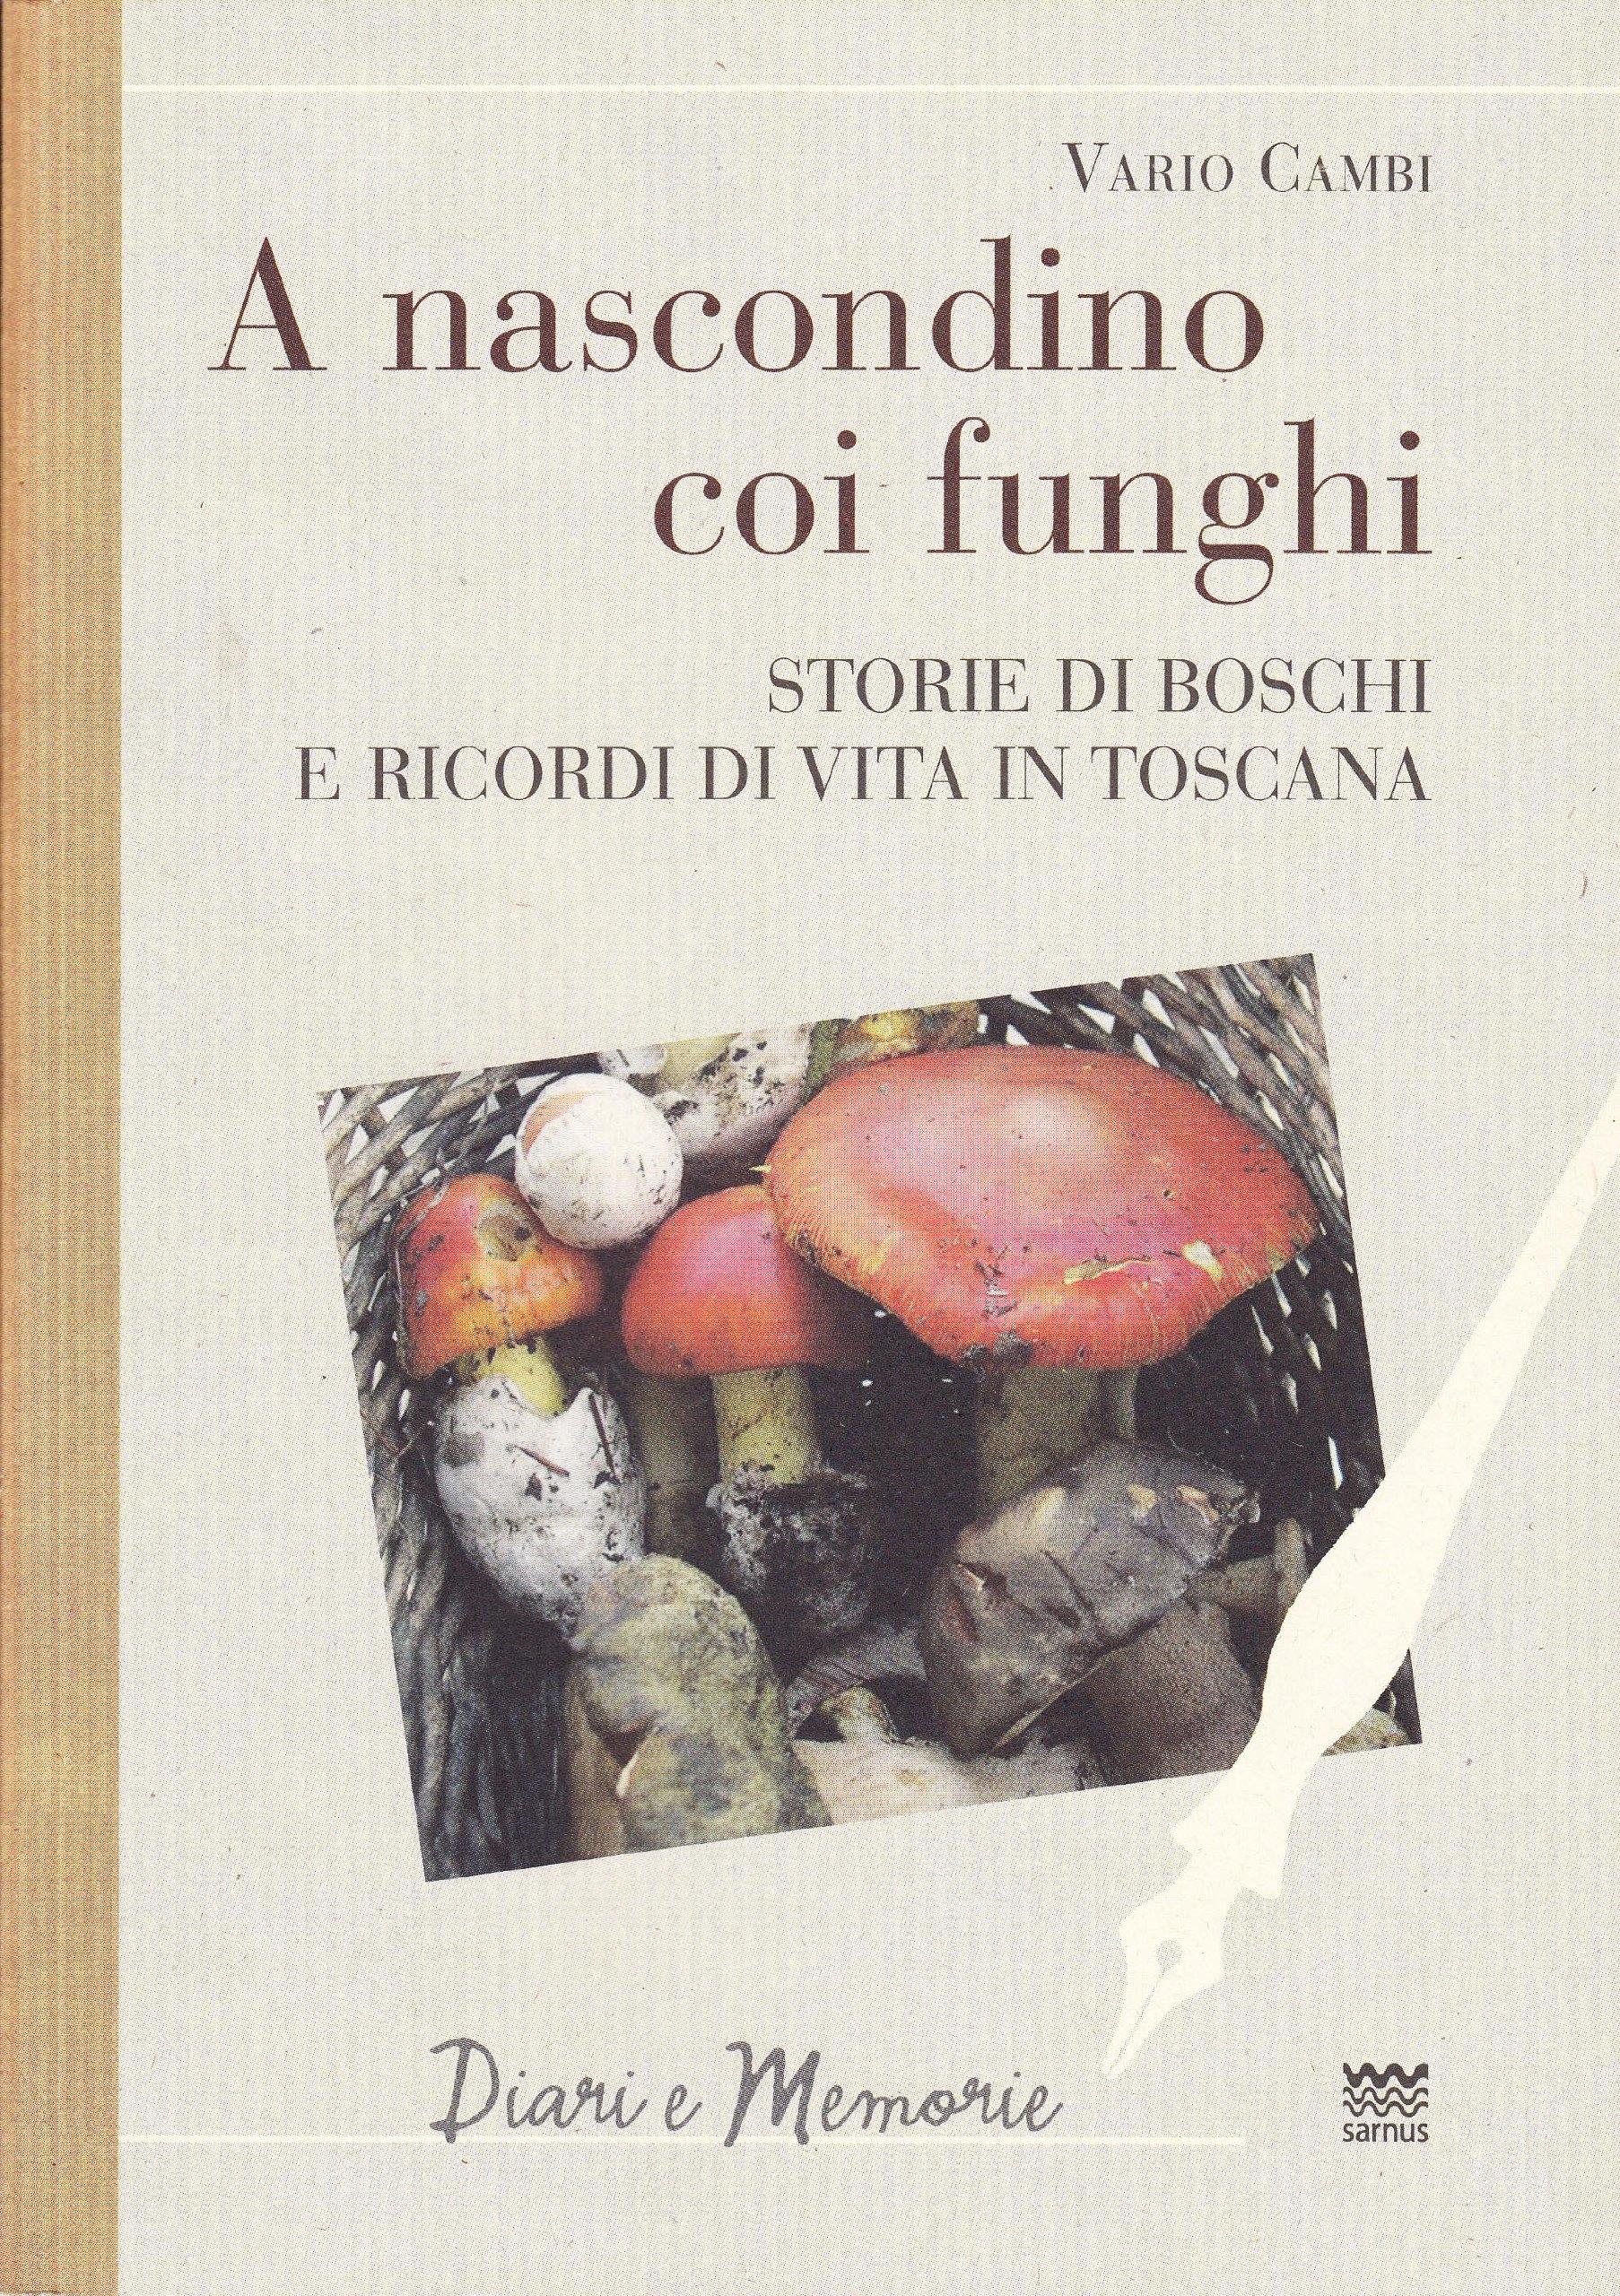 A nascondino coi funghi. Storia di boschi e ricordi di vita in Toscana